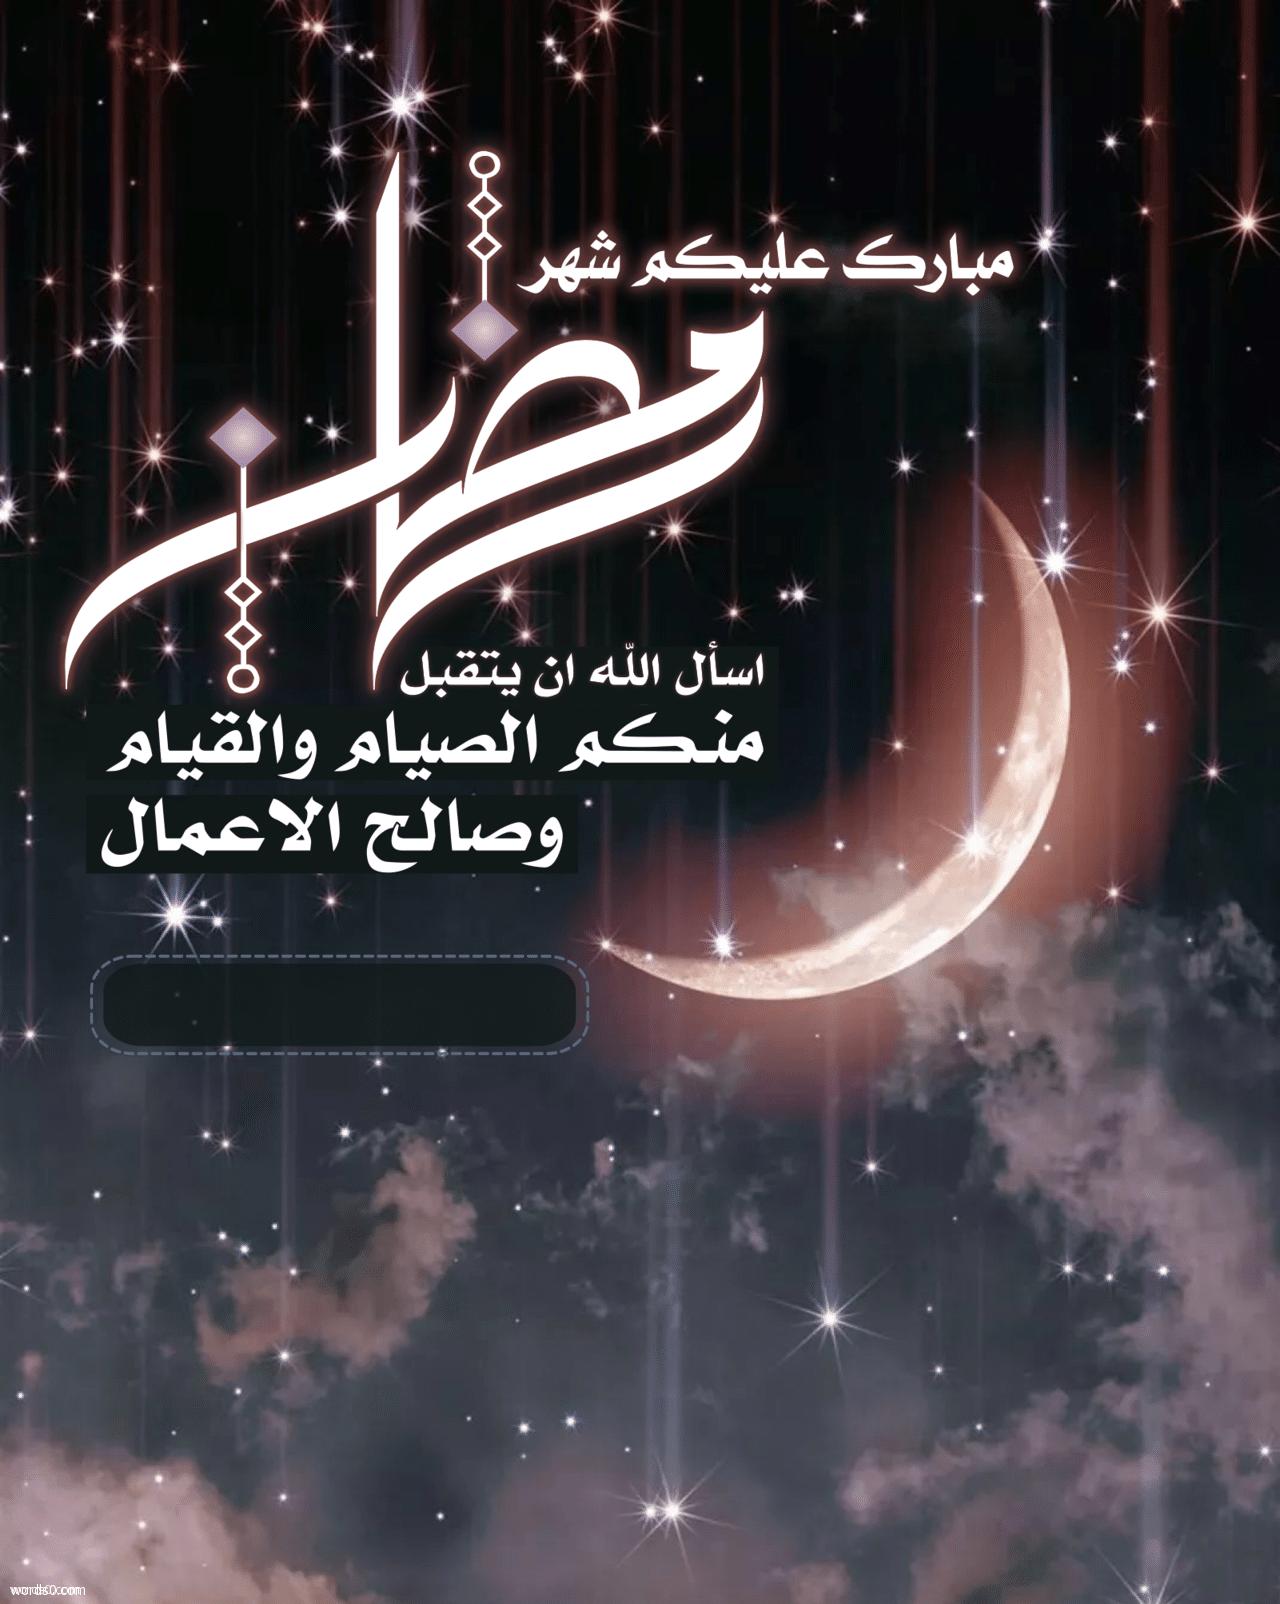 20 رمضان صباح آول ايام العشر الاواخر من رمضان اللهم بلغنا ليله القدر و اعتق رقابنا و رقاب اباءنا و امهاتنا من النار برحم Ramadan Words Duaa Islam